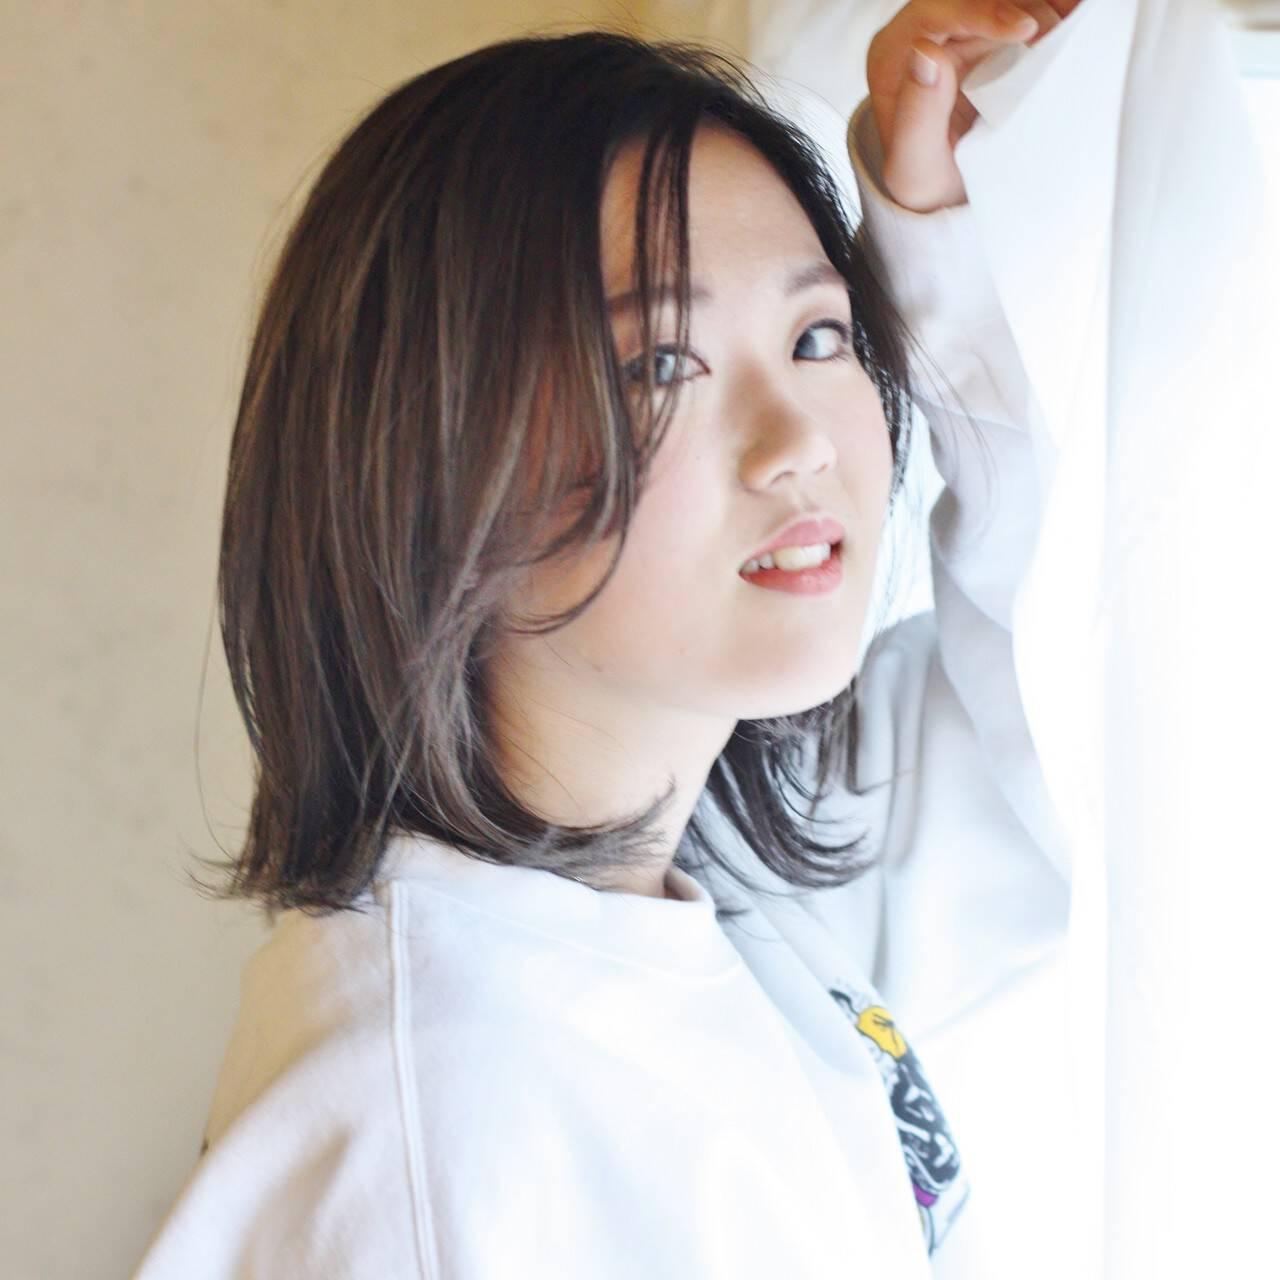 ミディアム グラデーションカラー ストリート バレイヤージュヘアスタイルや髪型の写真・画像